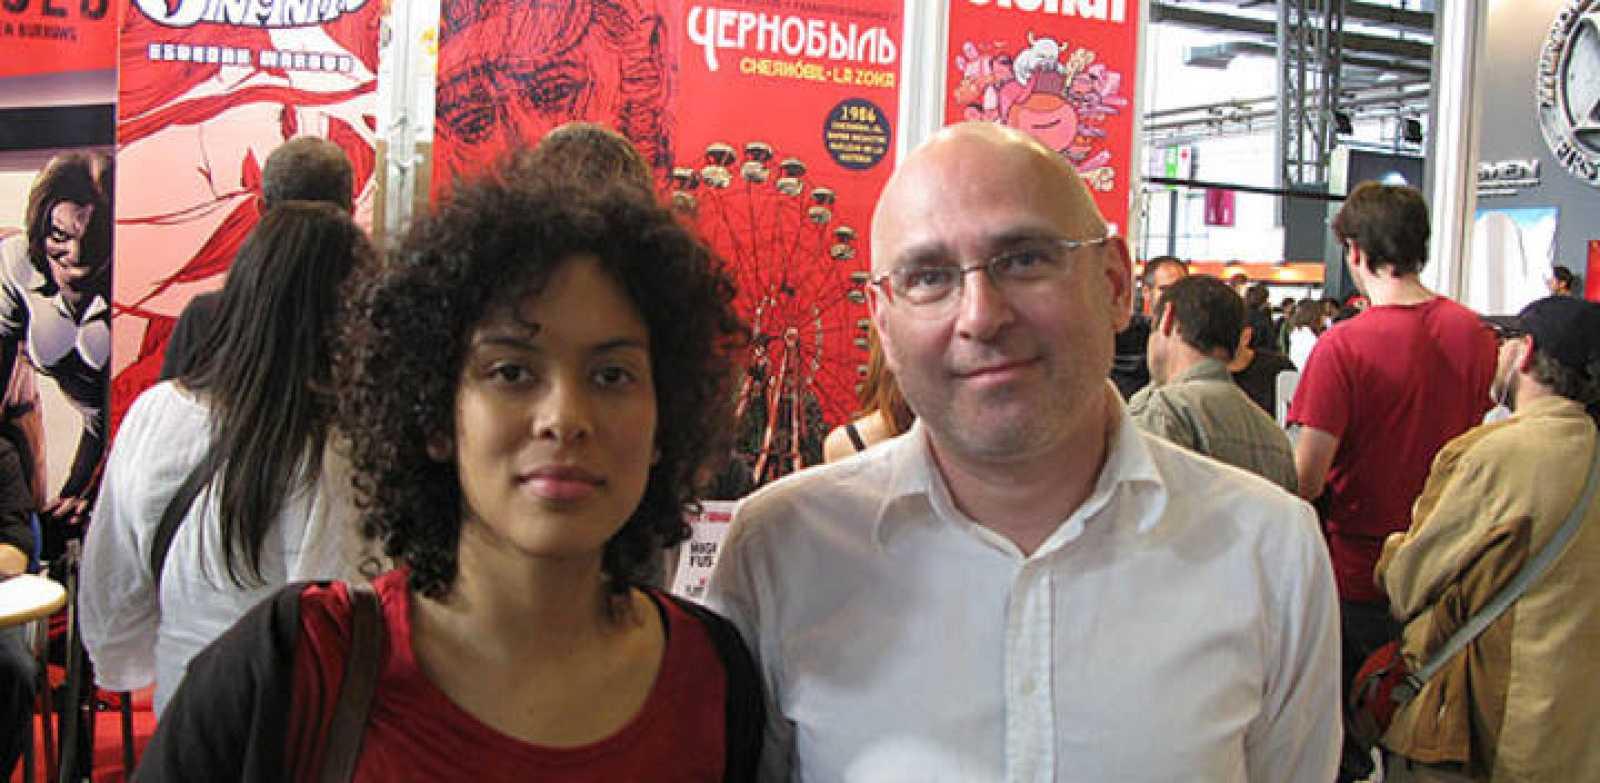 Natacha Bustos y Francisco Sánchez en el salón del Cómic de Barcelona